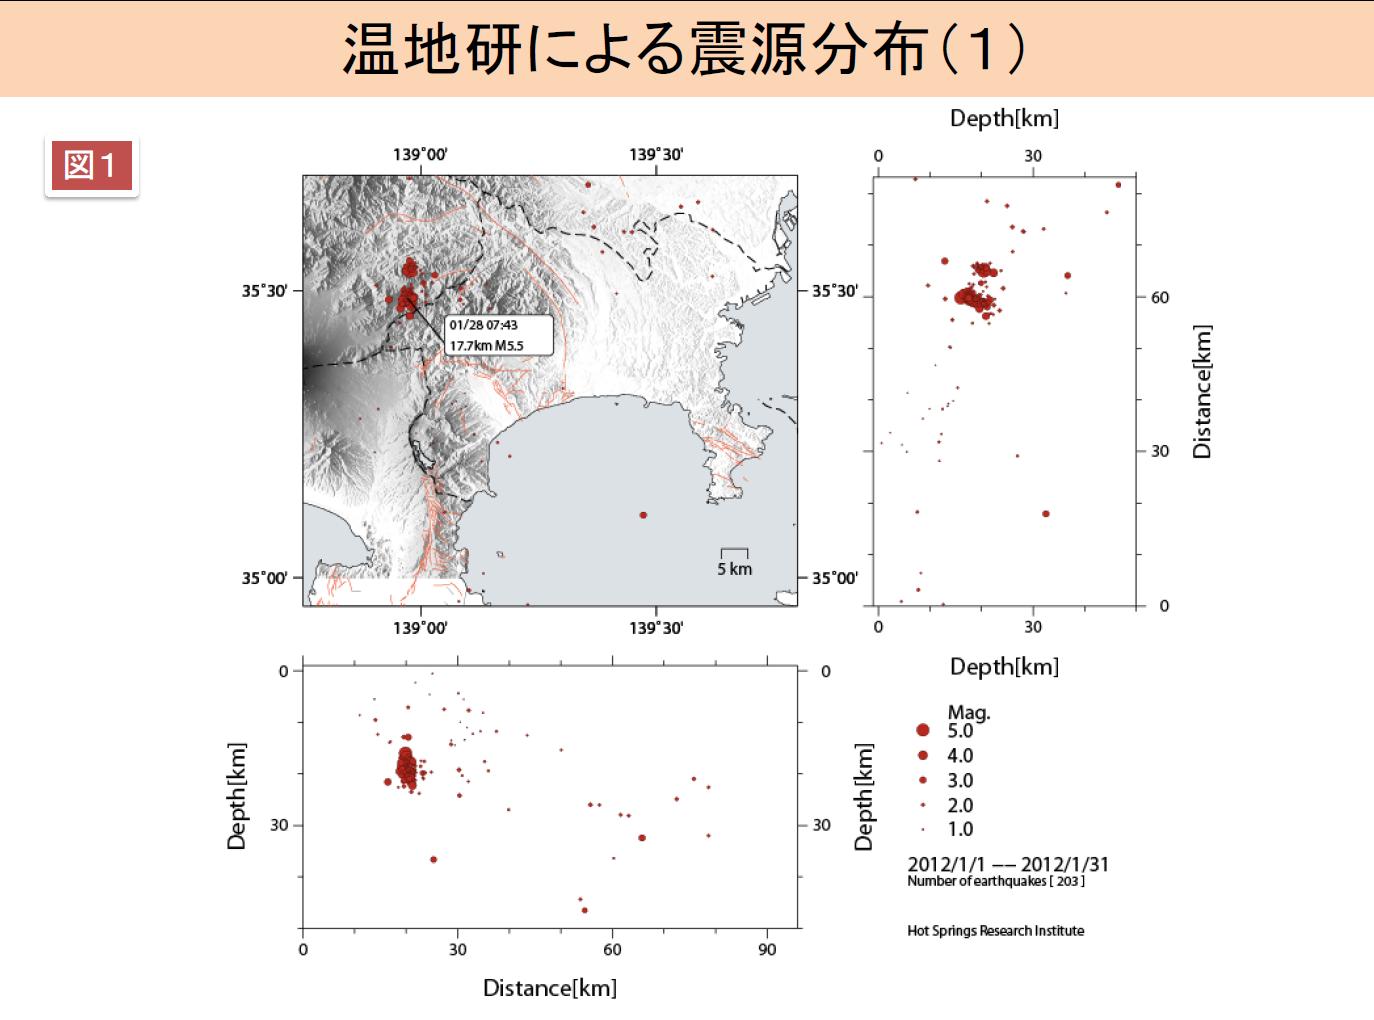 震源分布図(温地研による)